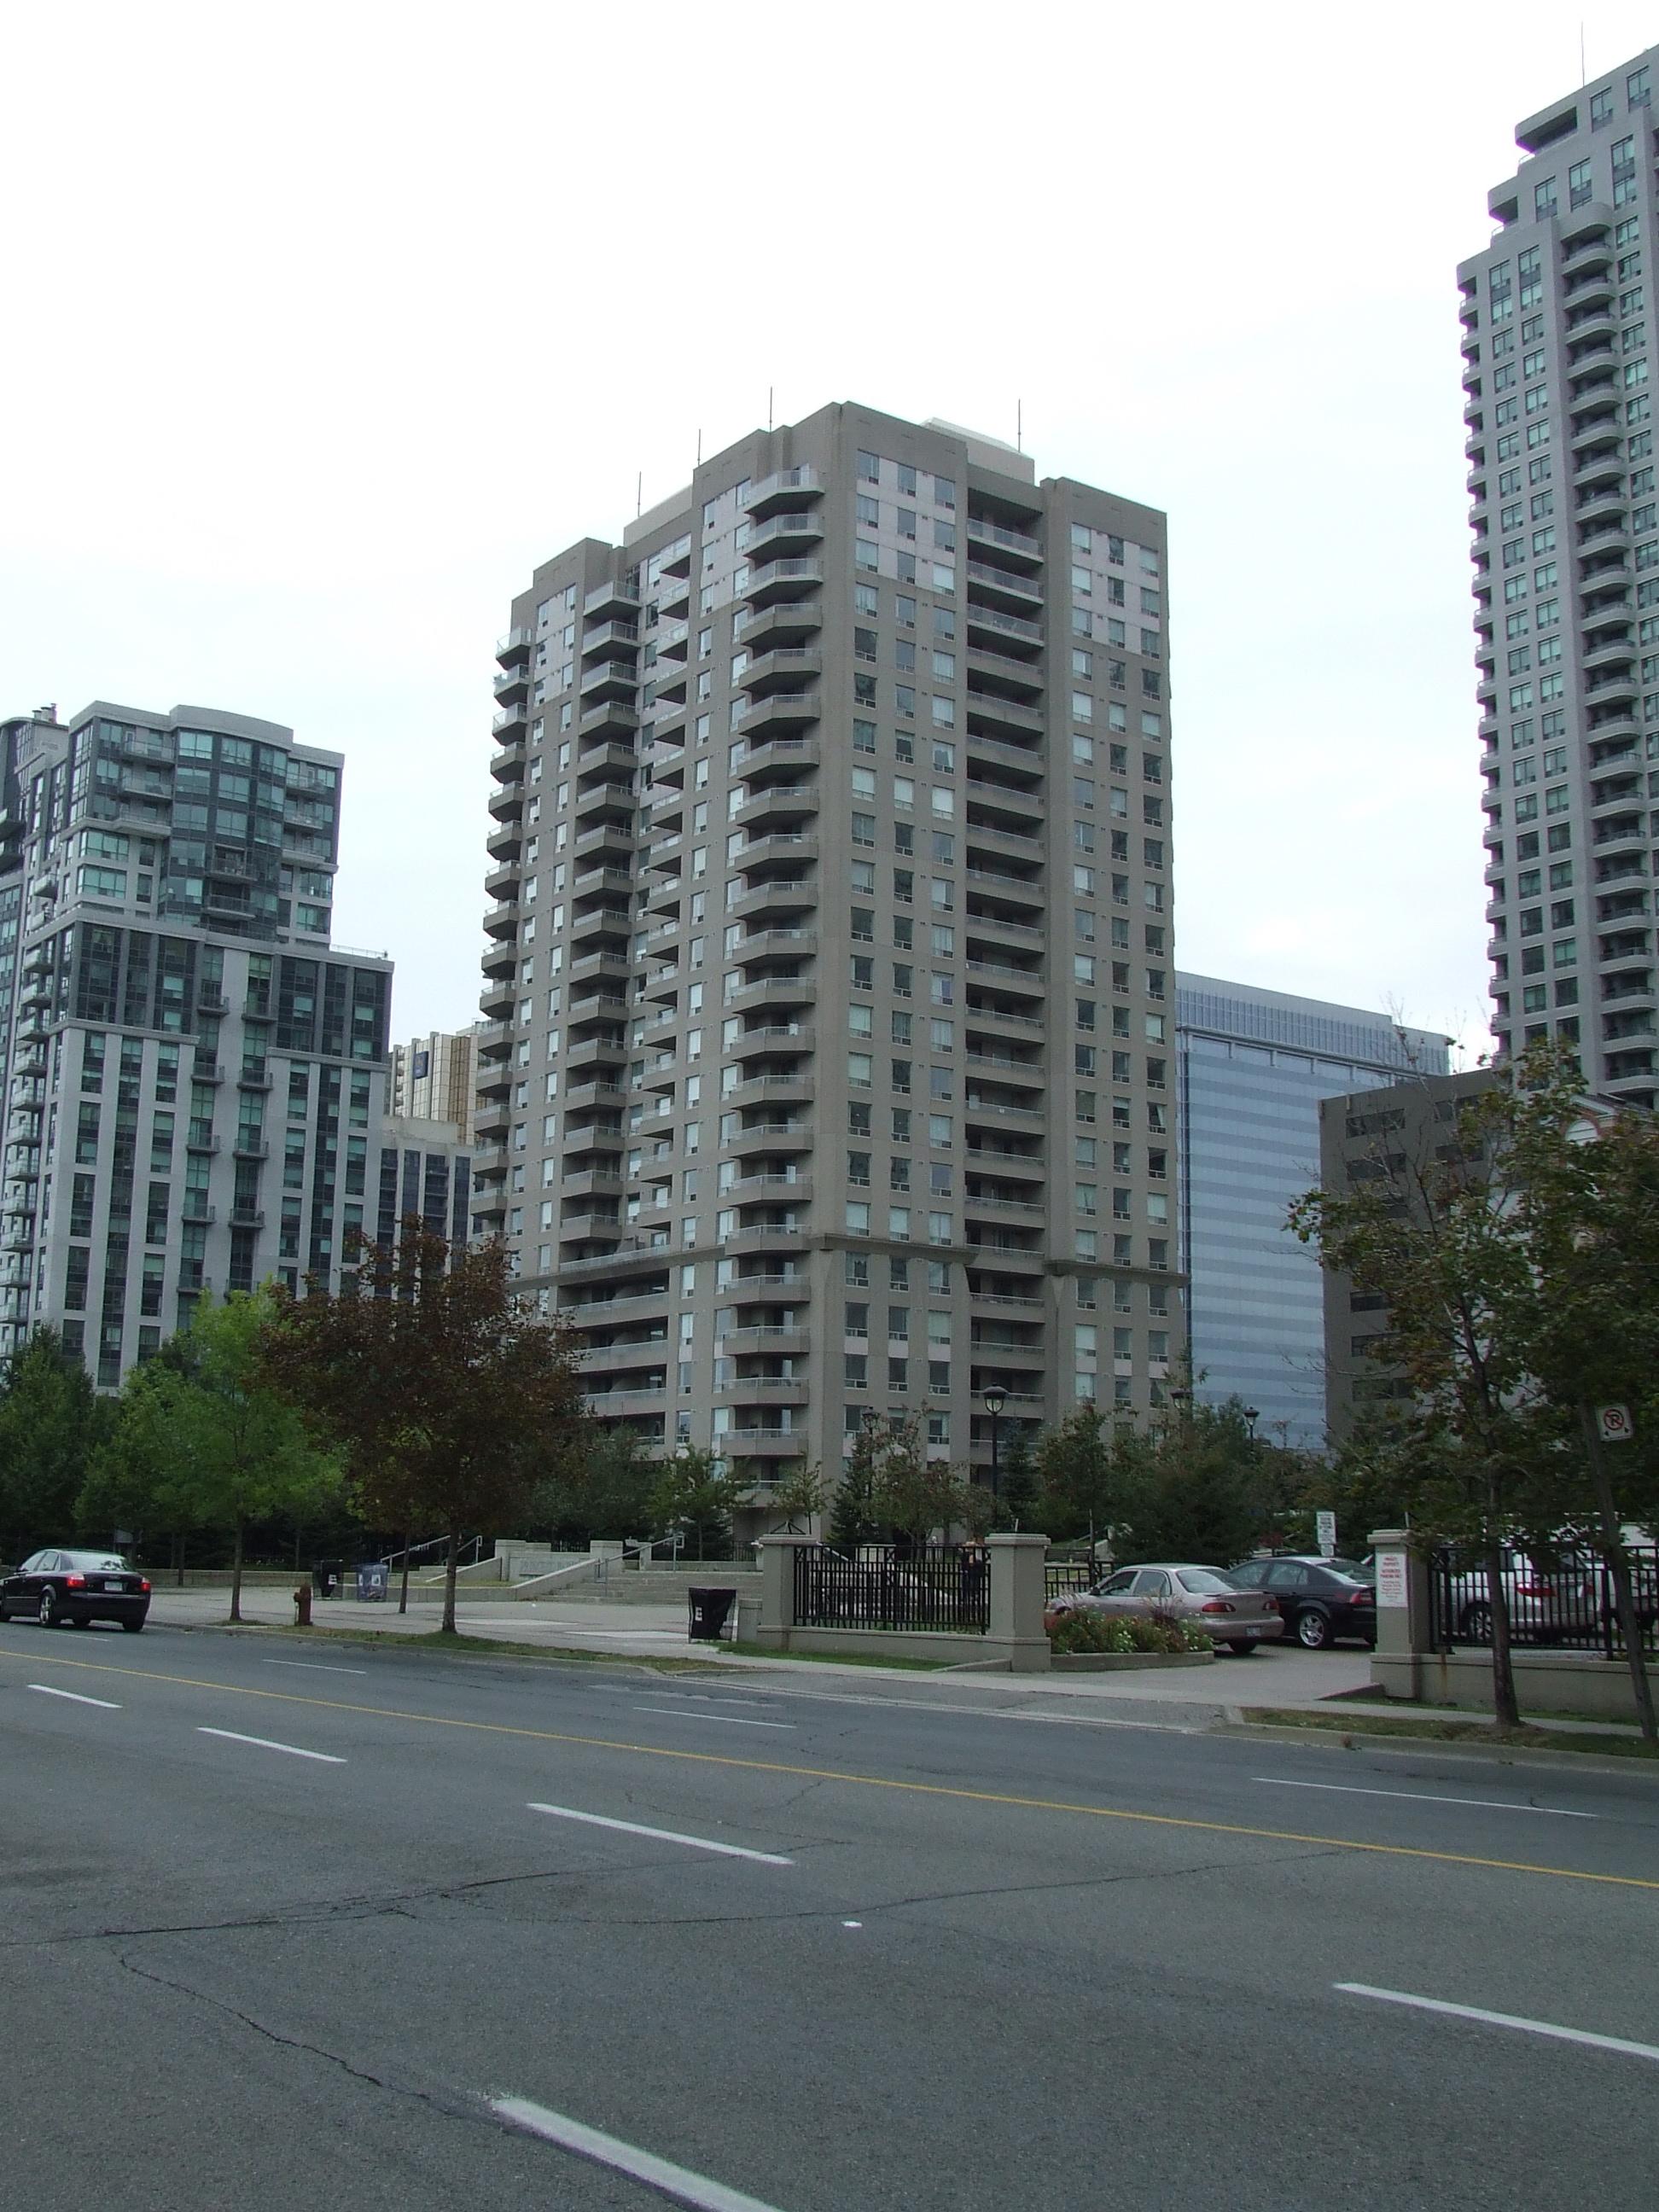 Hillcrest Condominium